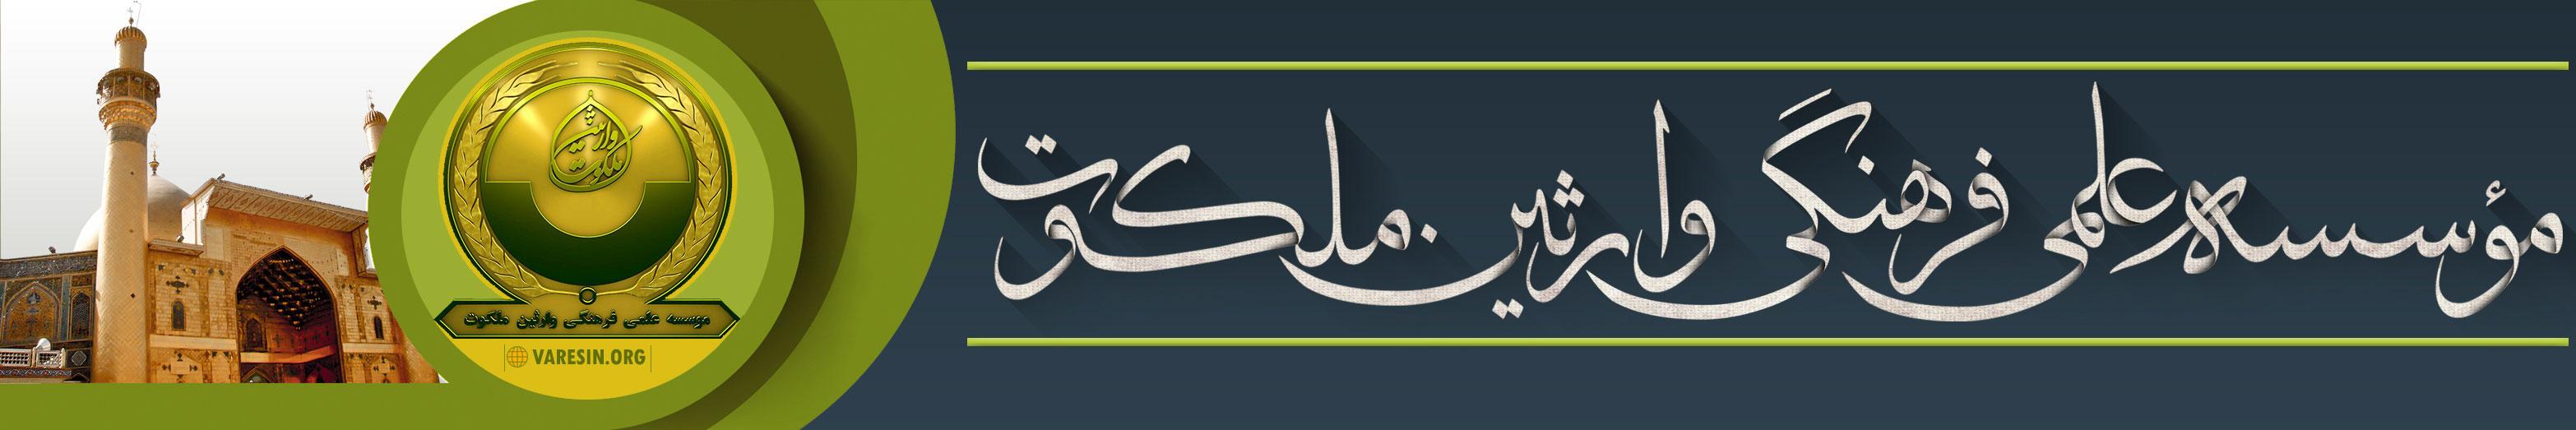 سایت رسمی دعوت سید احمد الحسن یمانی